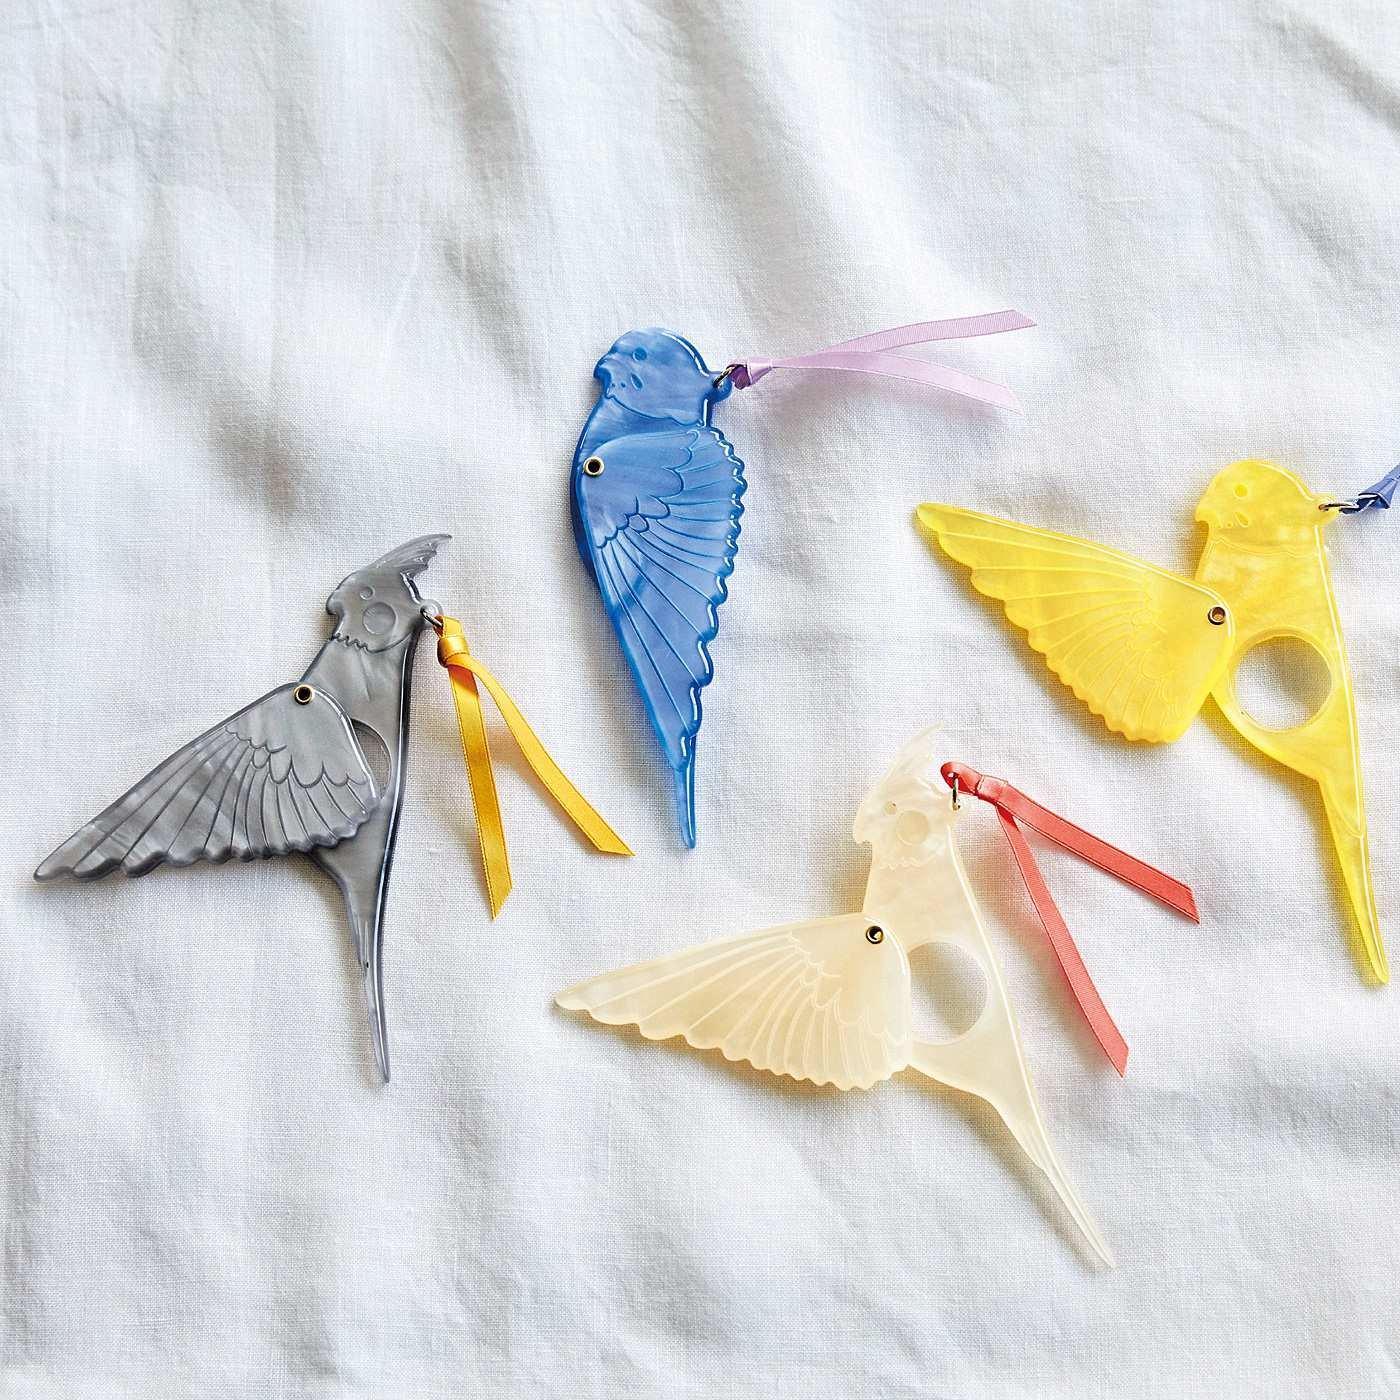 小鳥部 細かい文字にかわいいサポート スサーッと翼を広げる 小鳥のマスコットルーペの会